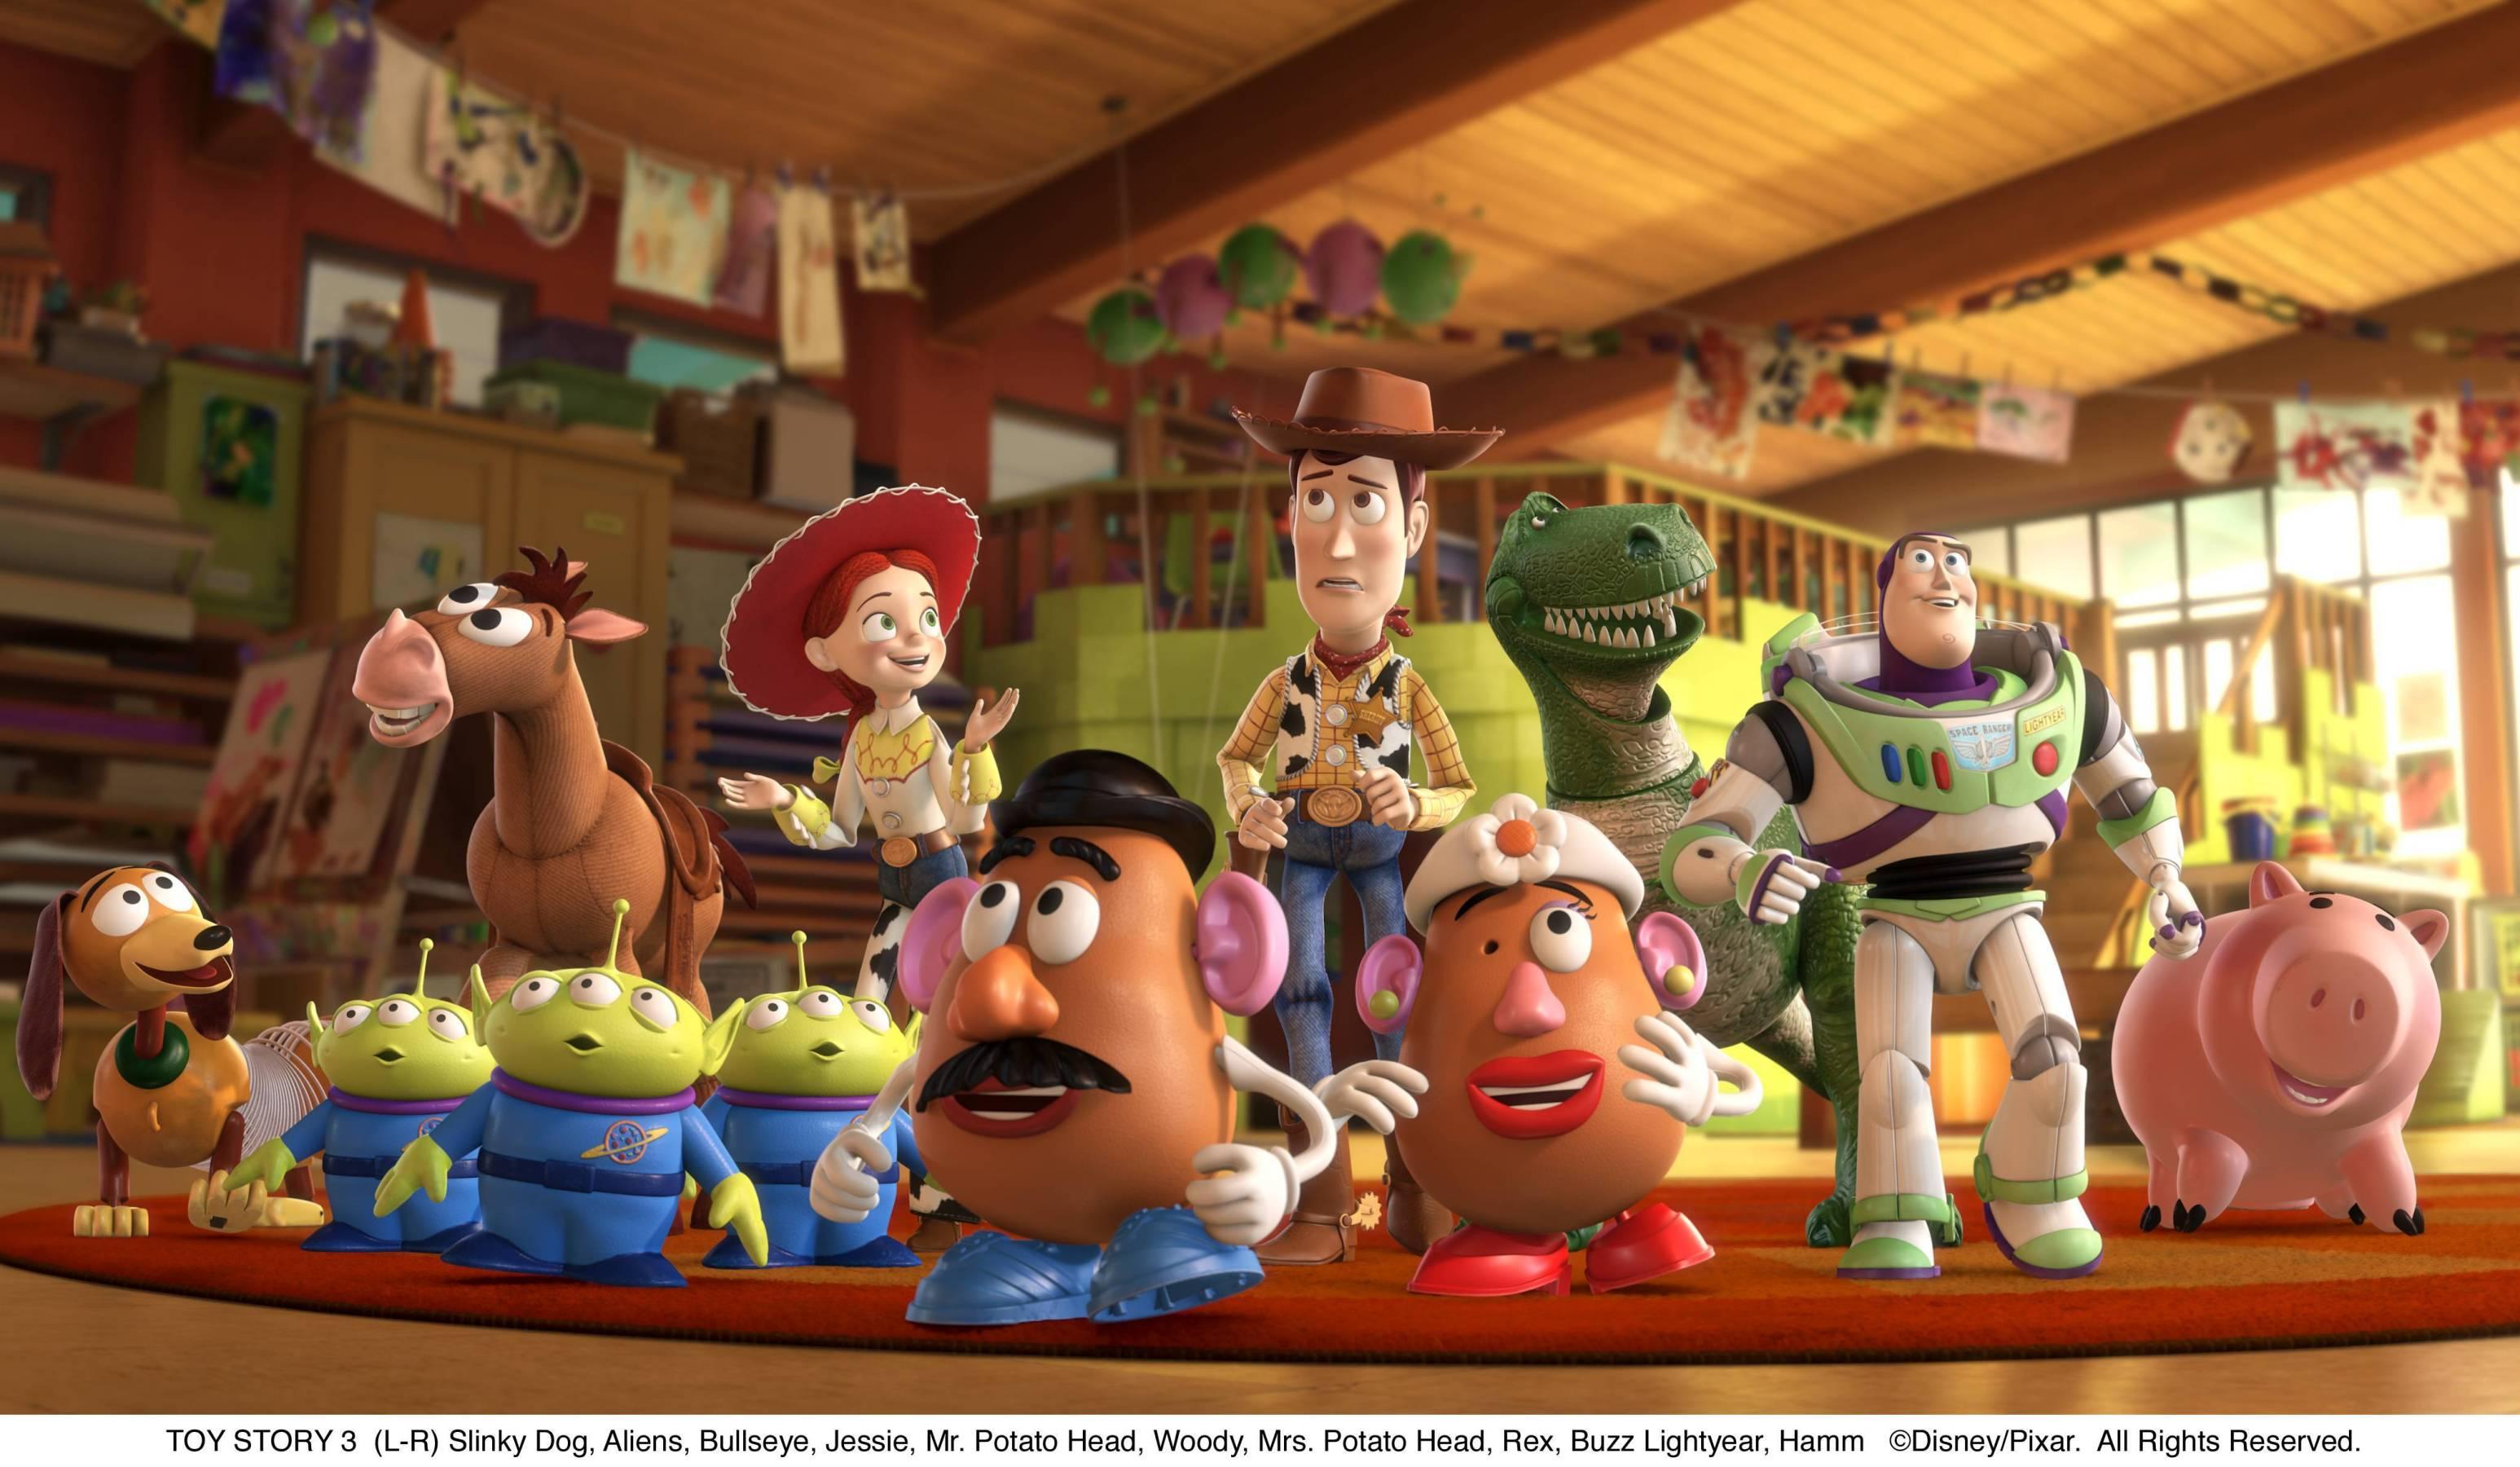 Las Mejores Imagenes de Toy Story 3